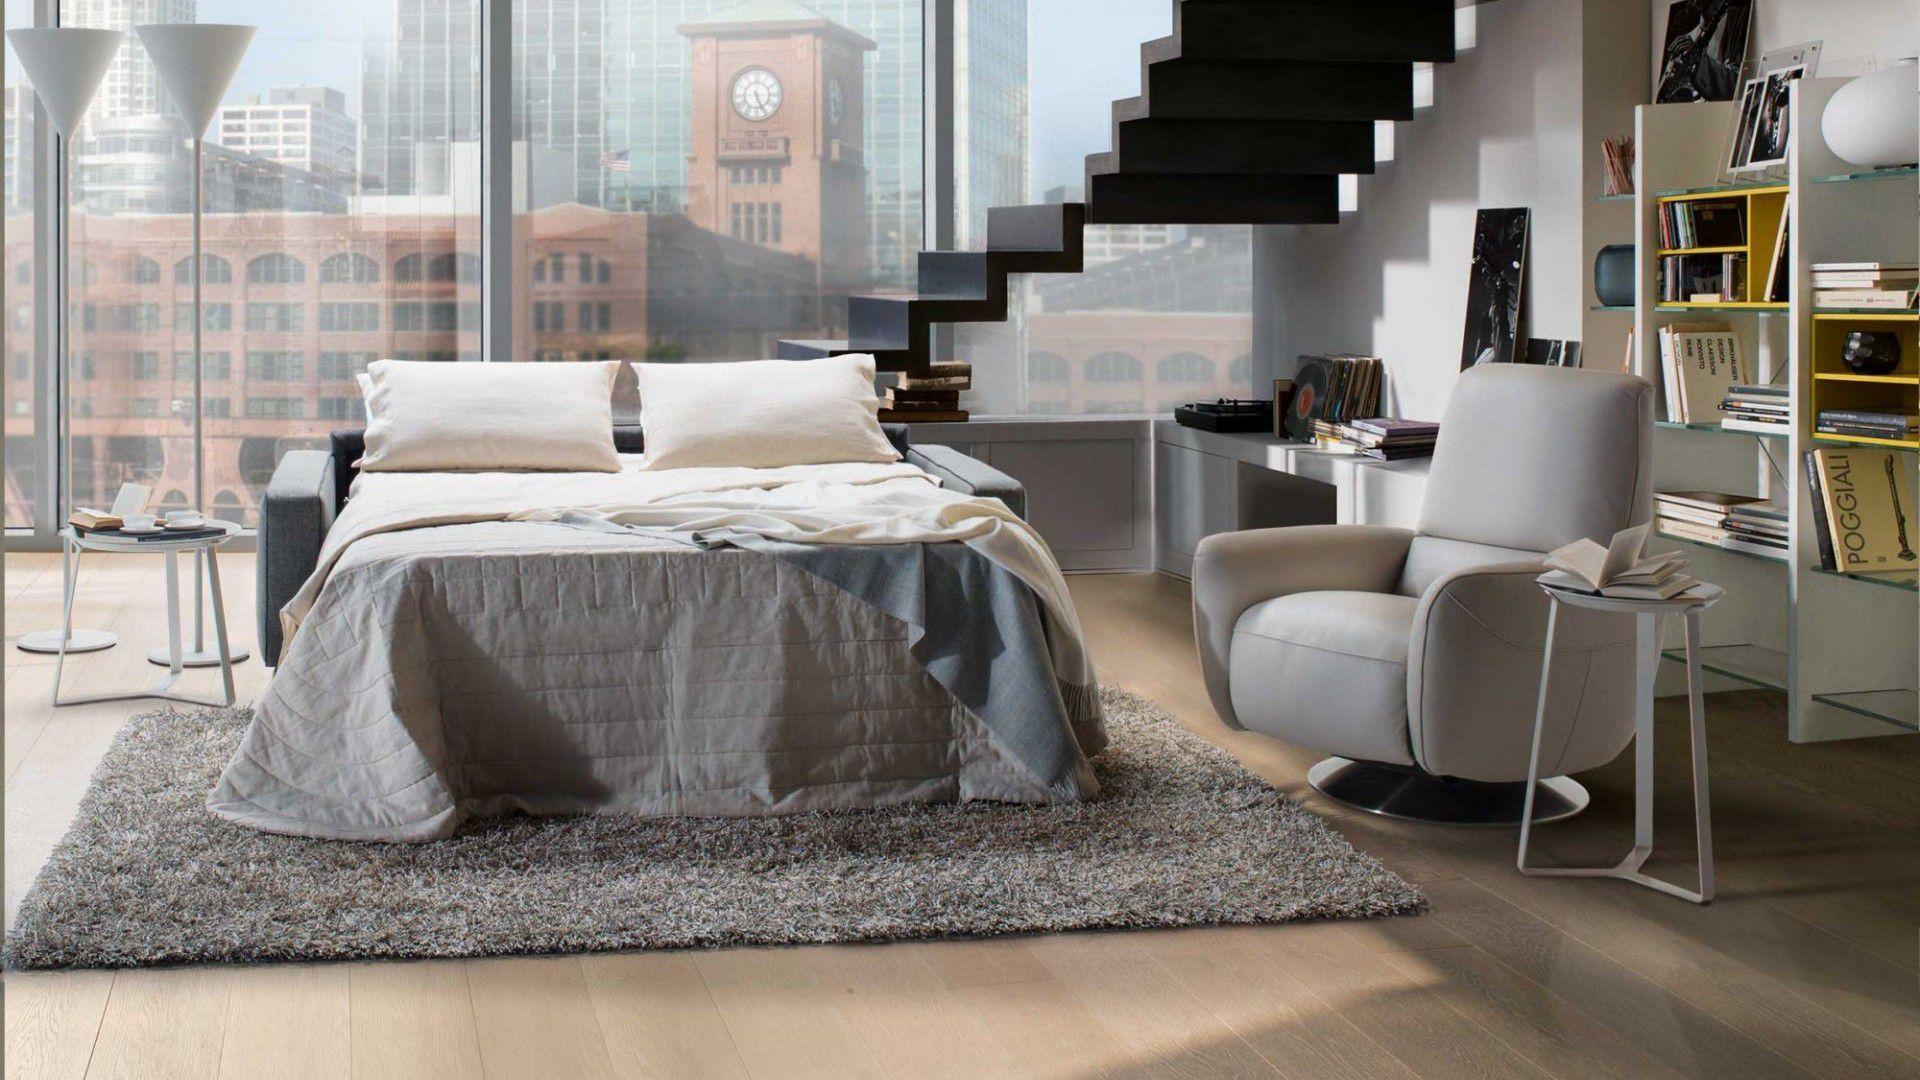 Sofa bed contemporary fabric 2 seater CAPRICCIO NATUZZI